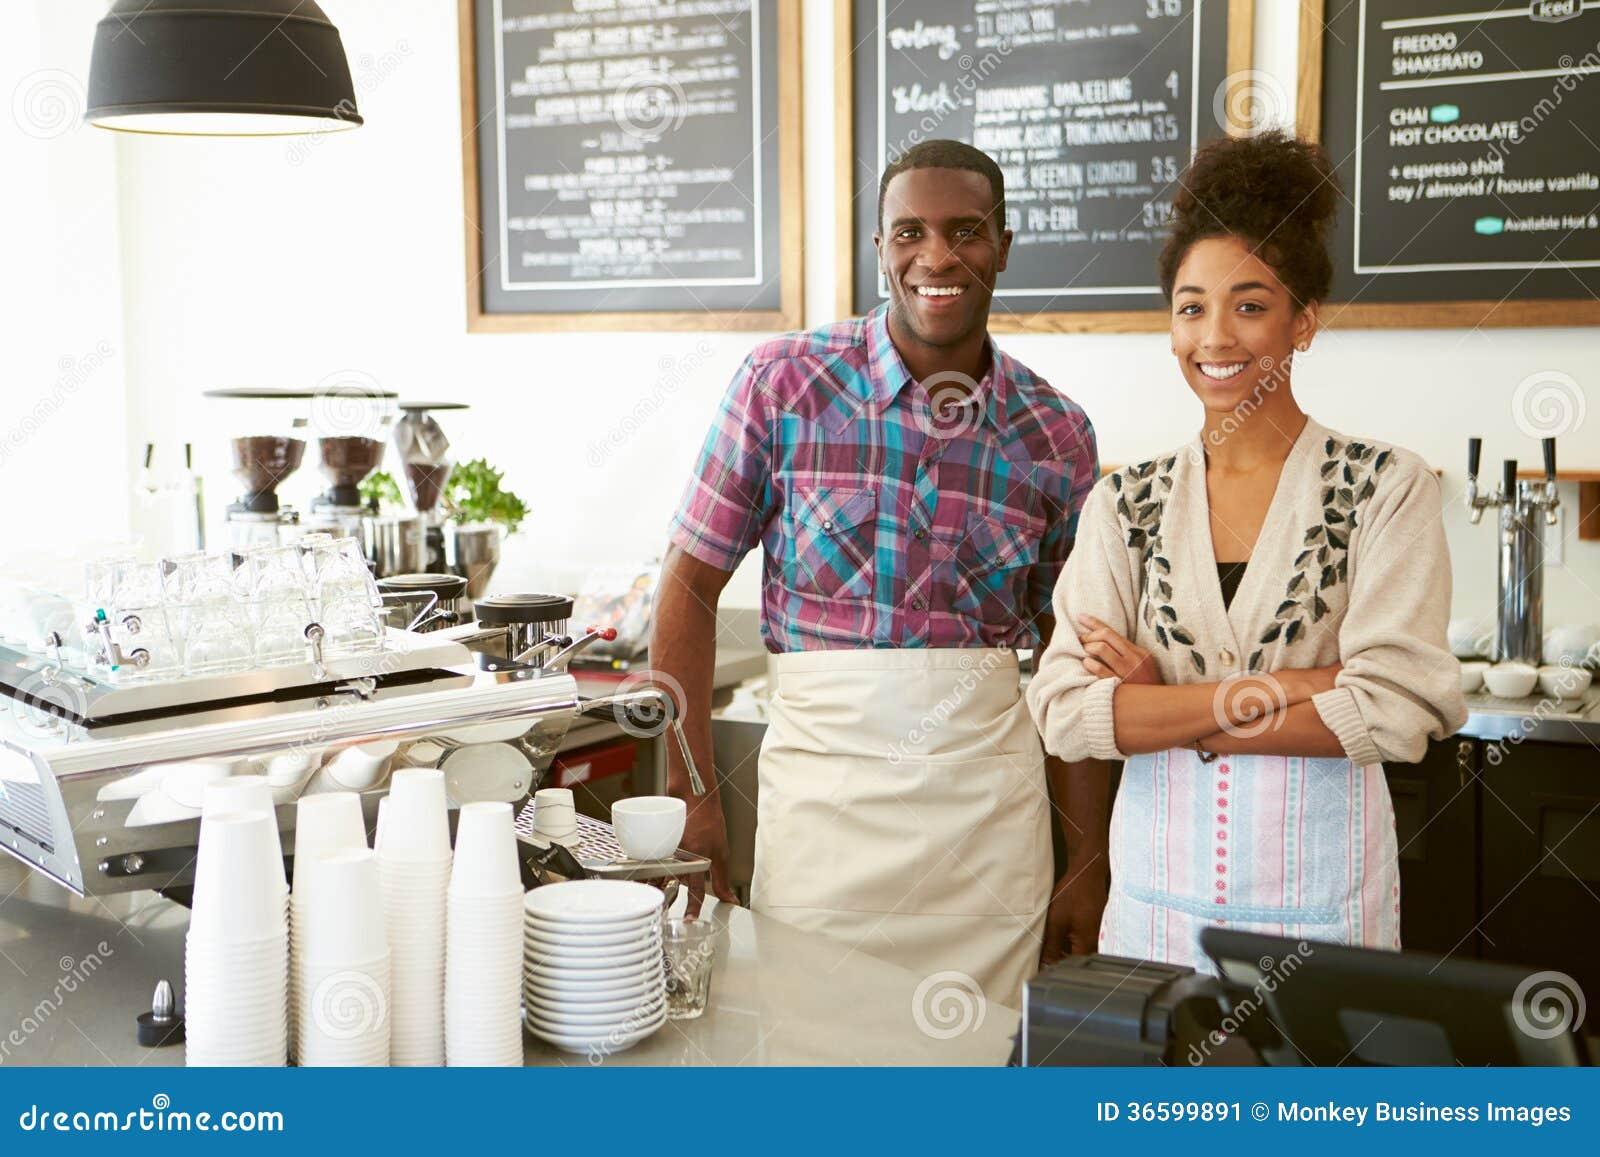 Dueño masculino y femenino de la cafetería